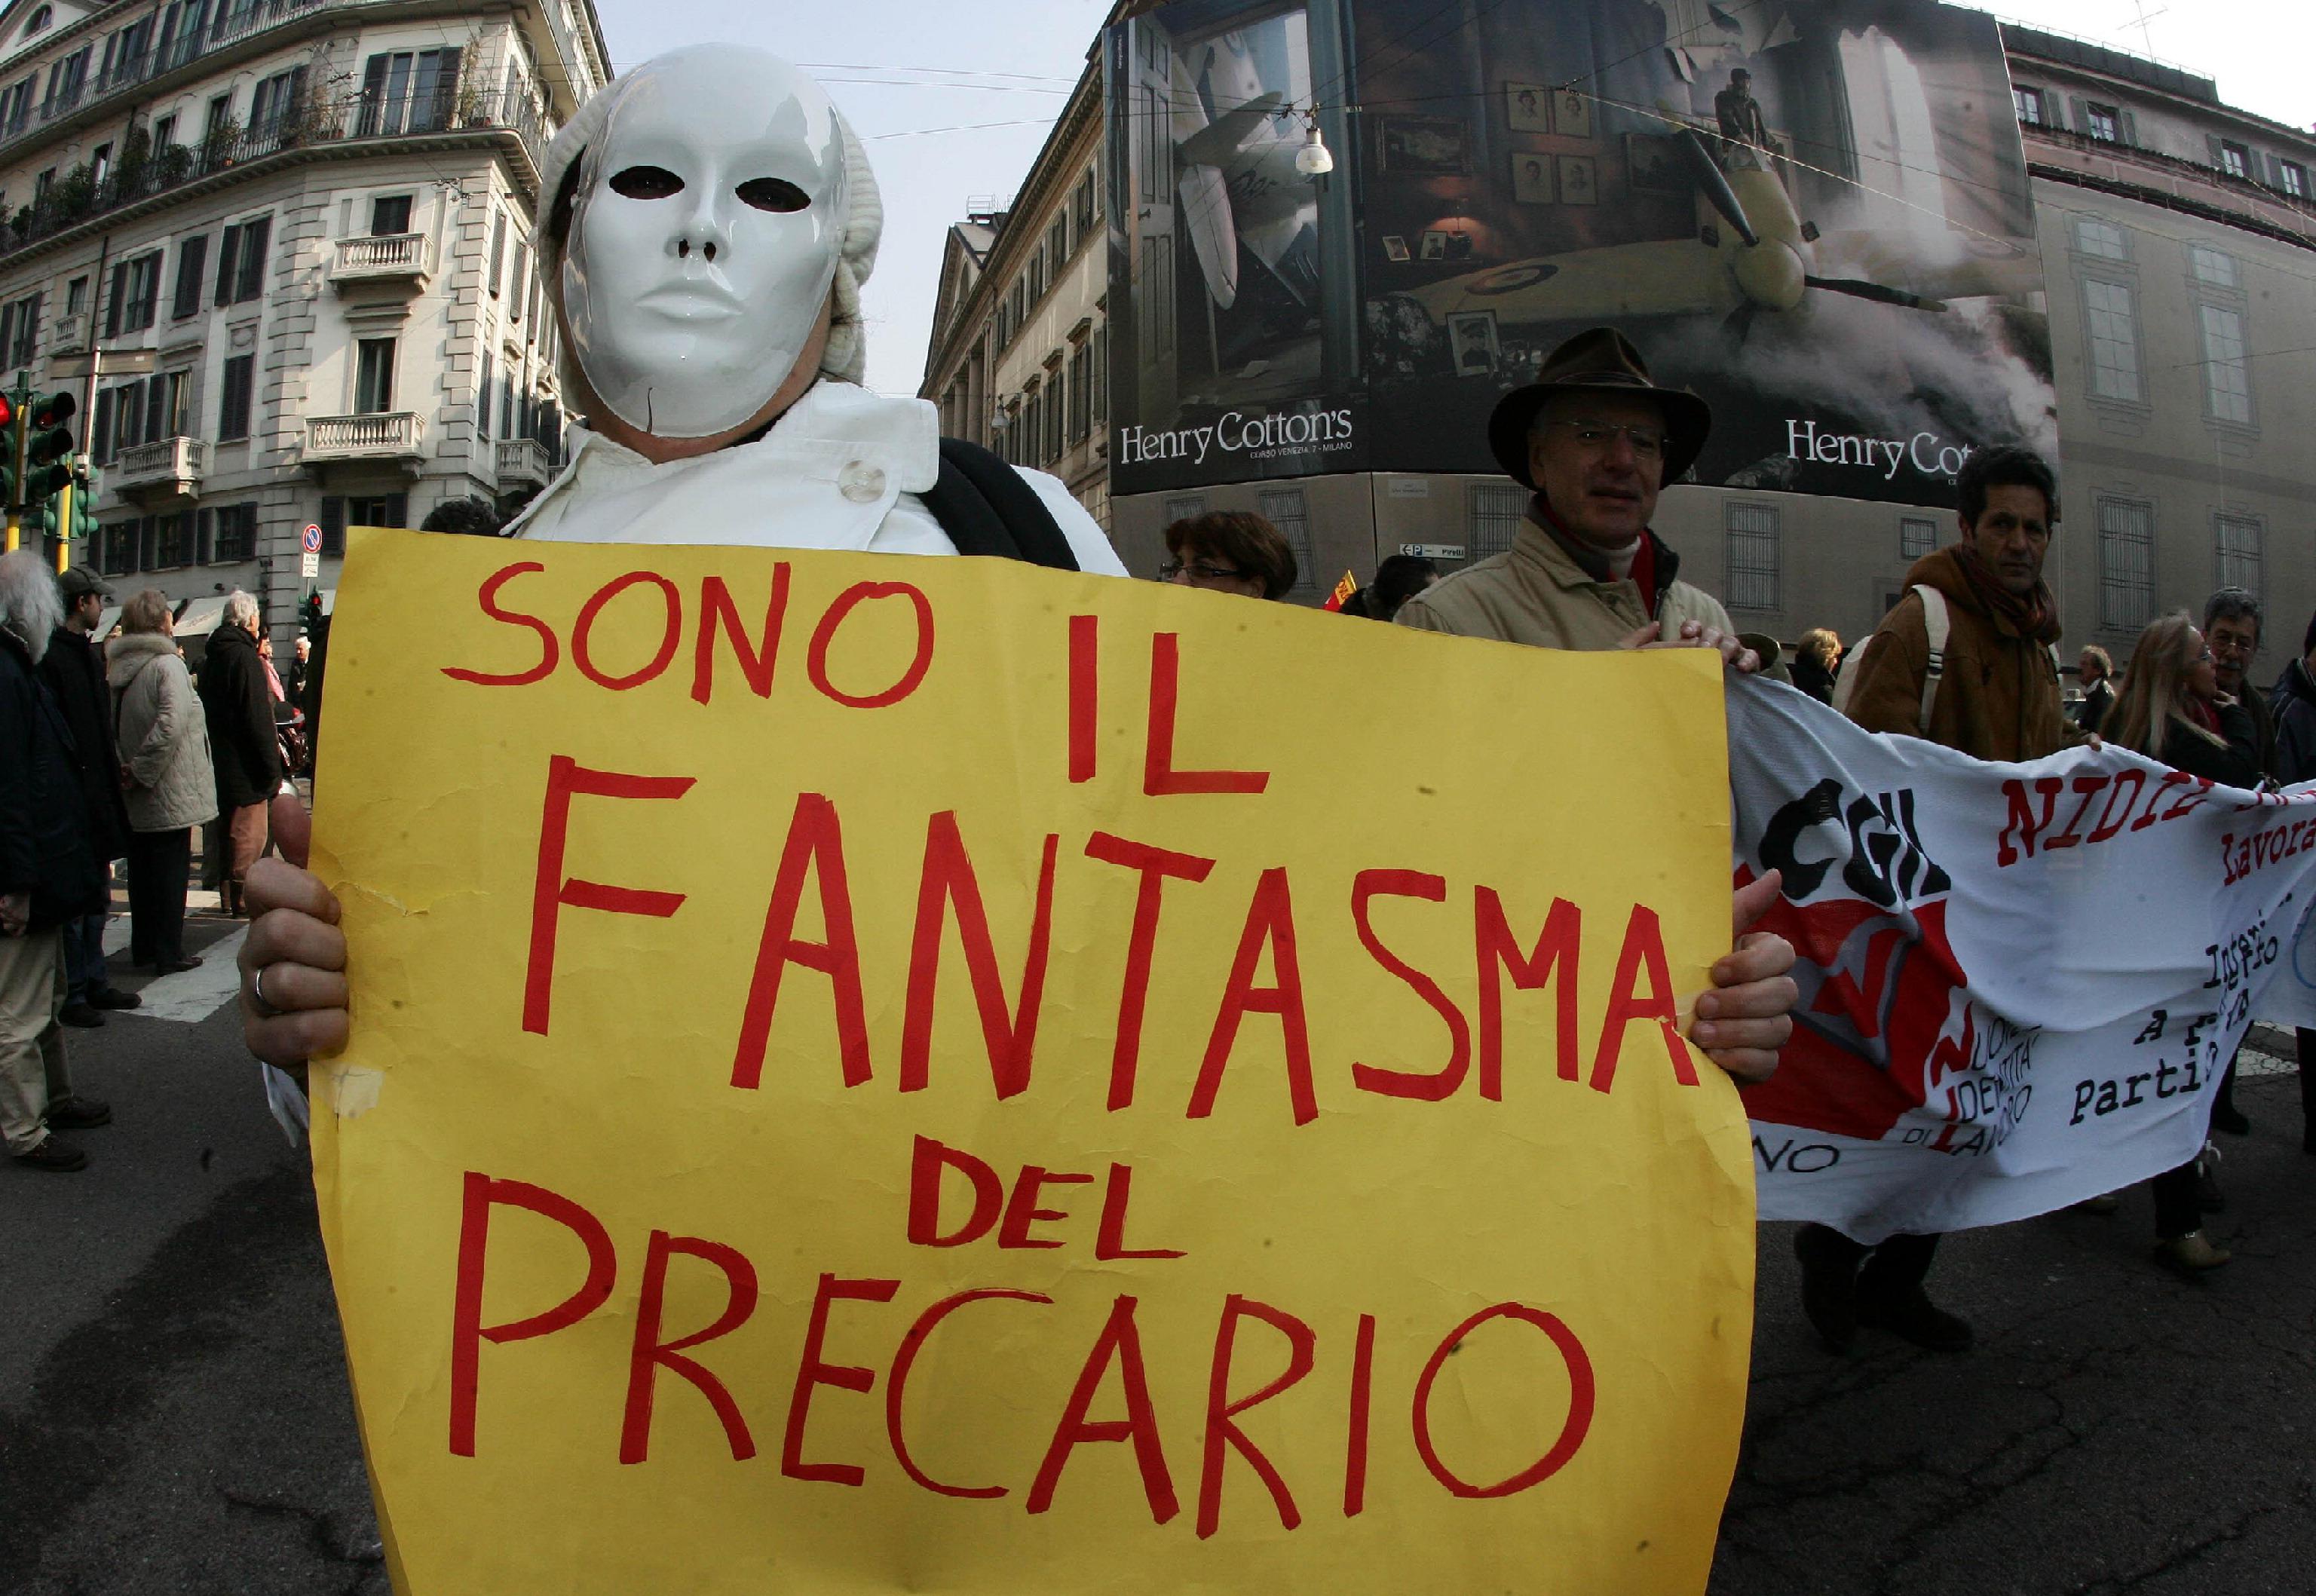 Una partecipante al corteo indetto dalla Cgil, oggi  12 marzo 2010 a Milano. MATTEO BAZZI / ANSA / DBA